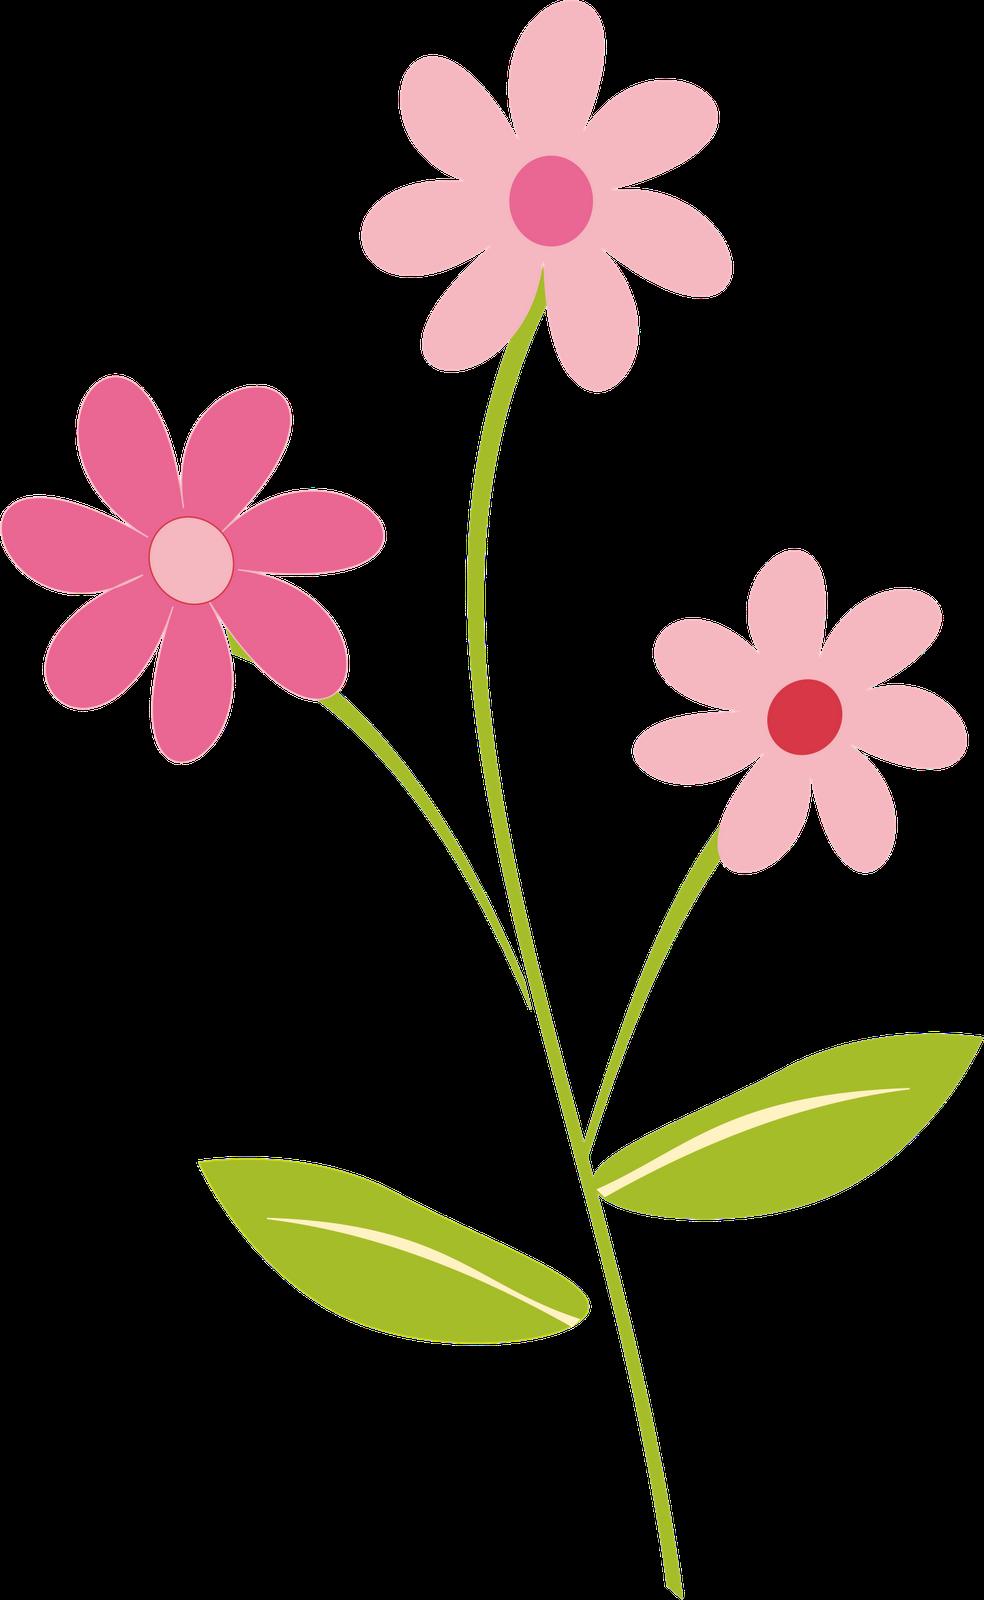 984x1600 Flower Clip Art Png 101 Clip Art